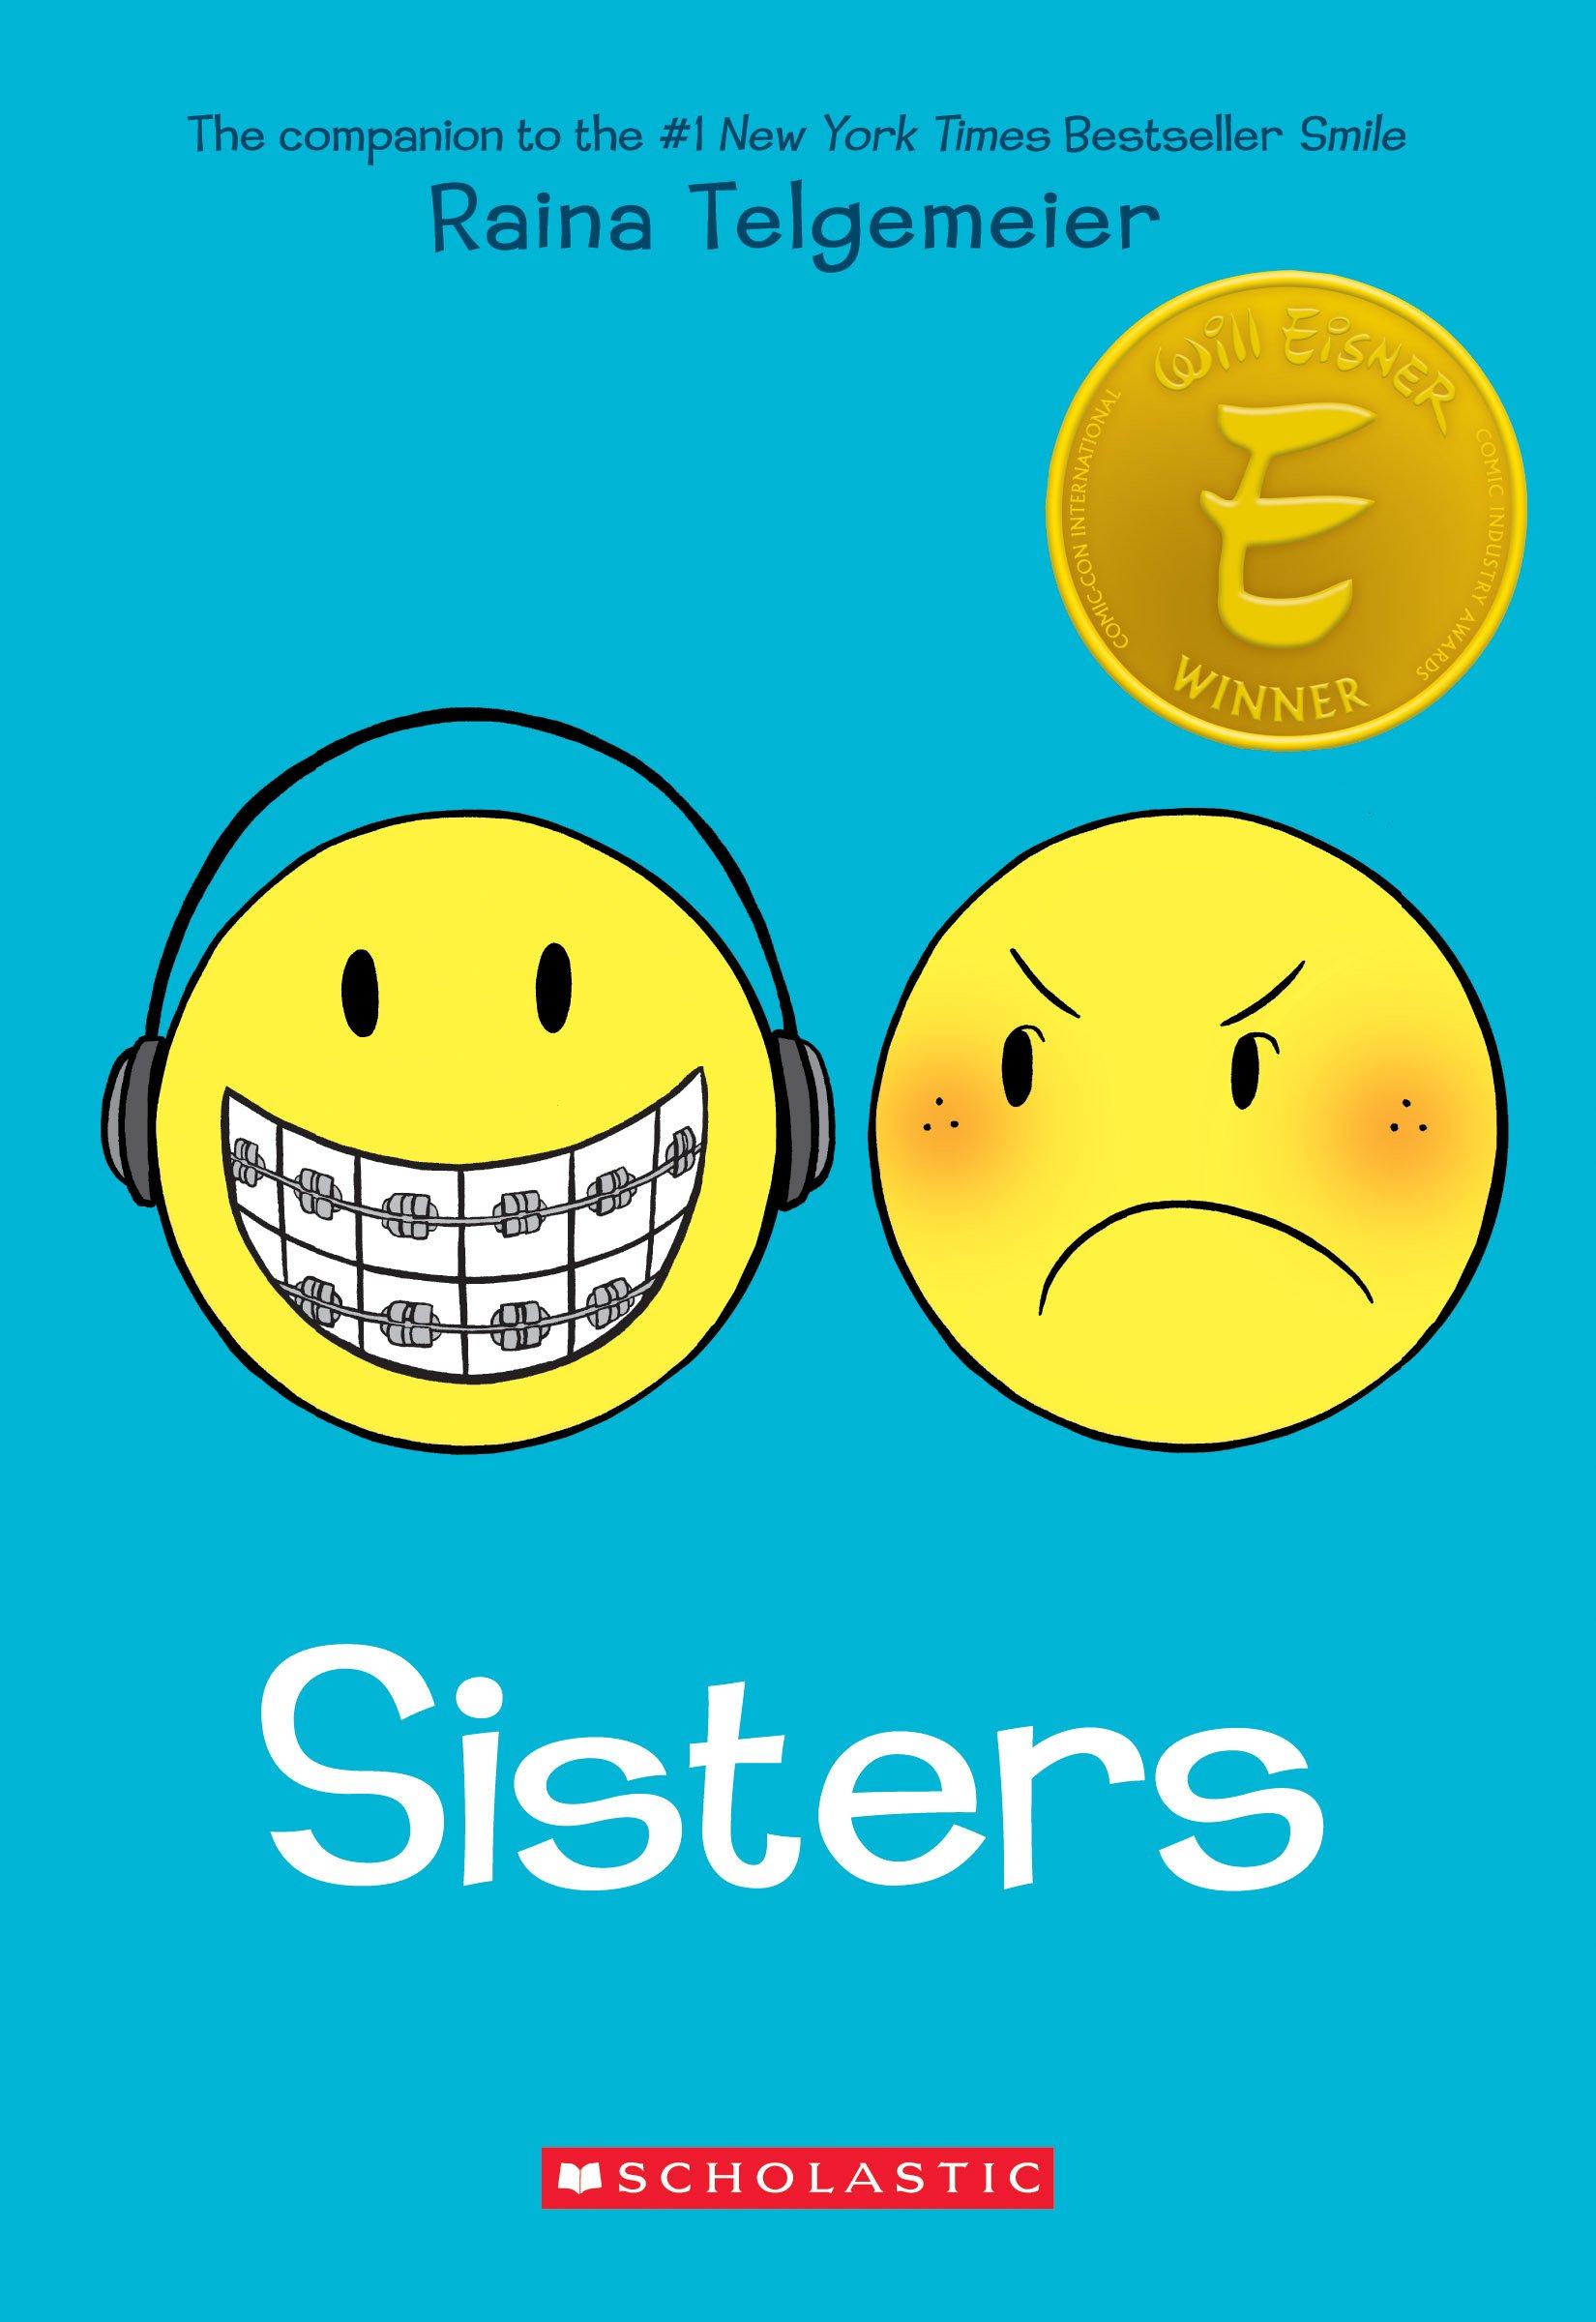 Sisters ISBN-13 9780545540605